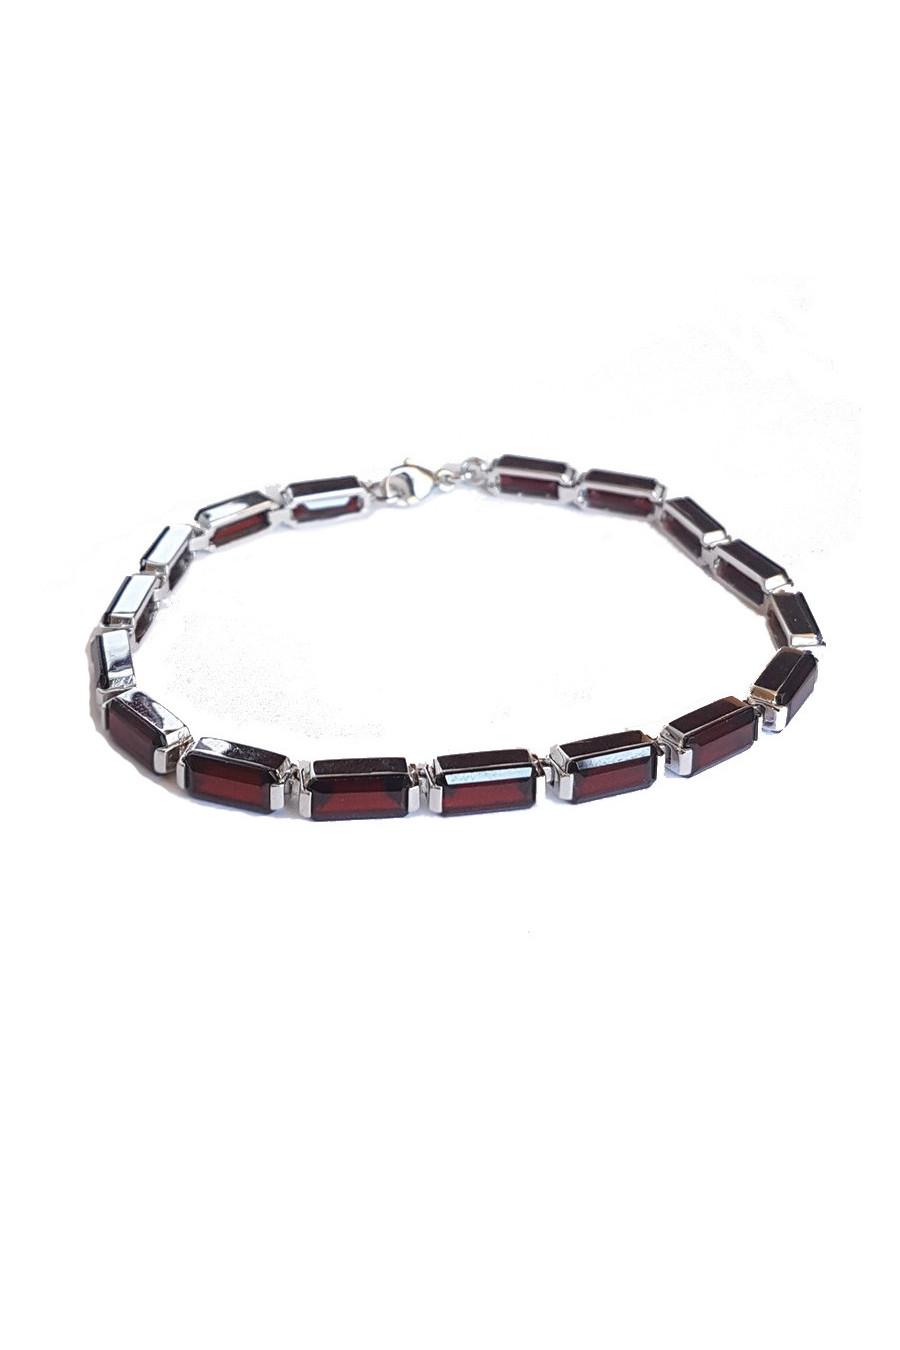 Stříbrný náramek s granátem, silver bracelet with garnet, серебряный браслет с гранатом